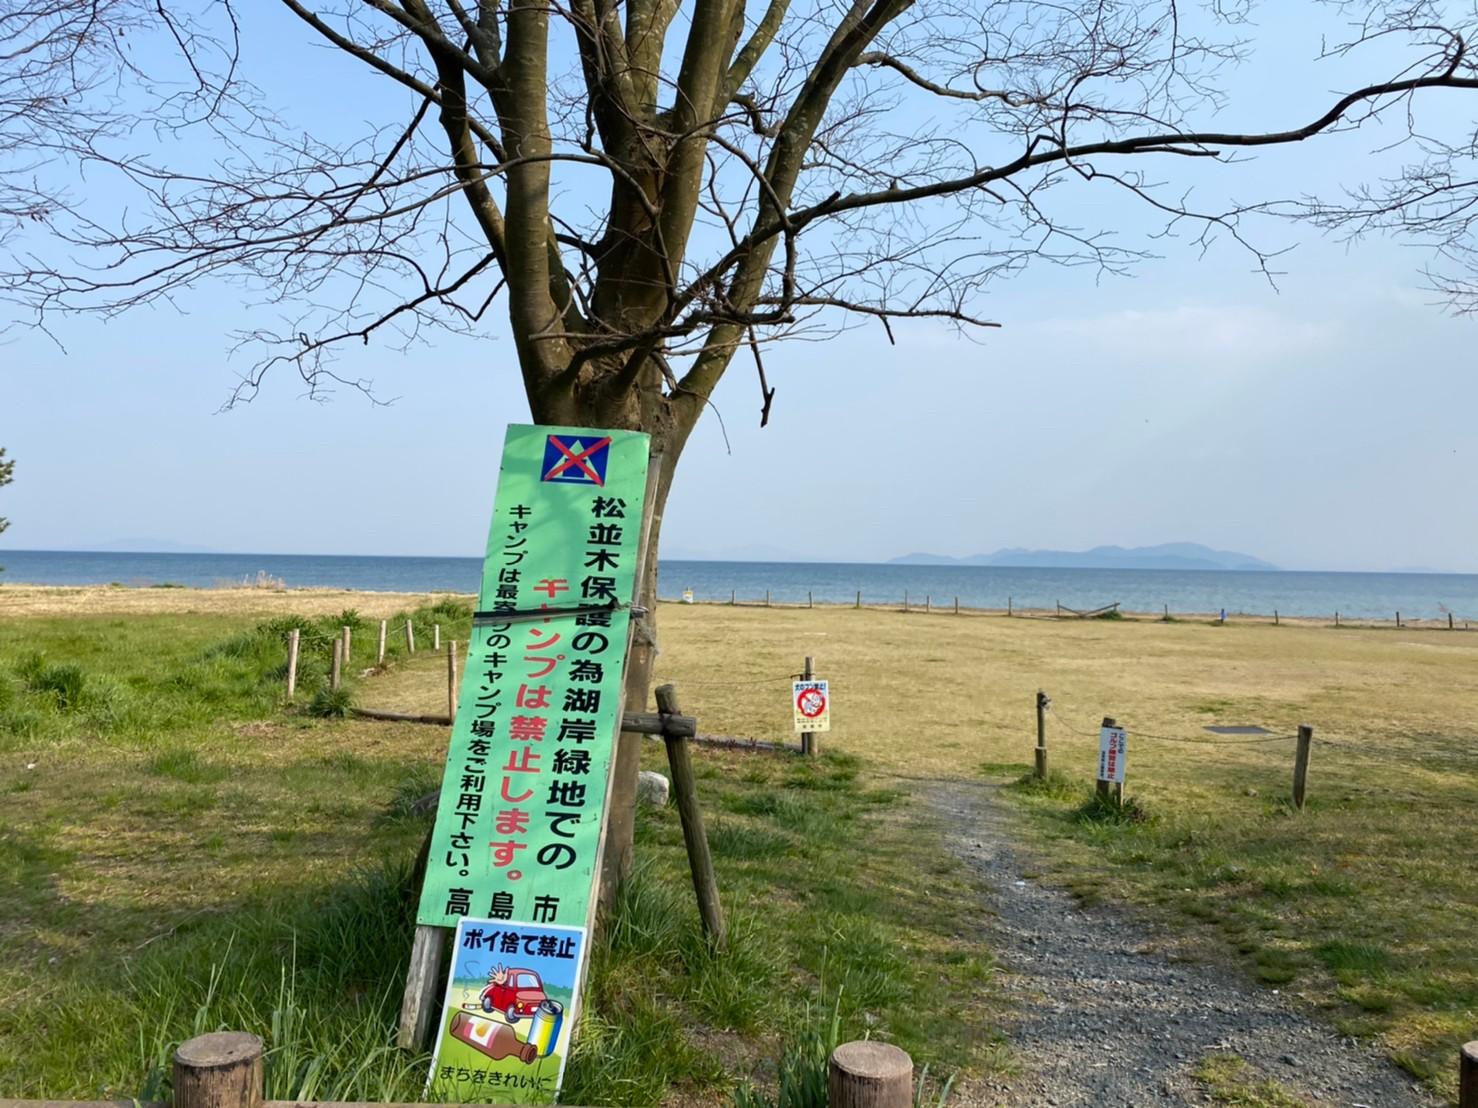 【高島市】『萩の浜水泳場』のアウトドア情報(駐車場・トイレ・釣り)